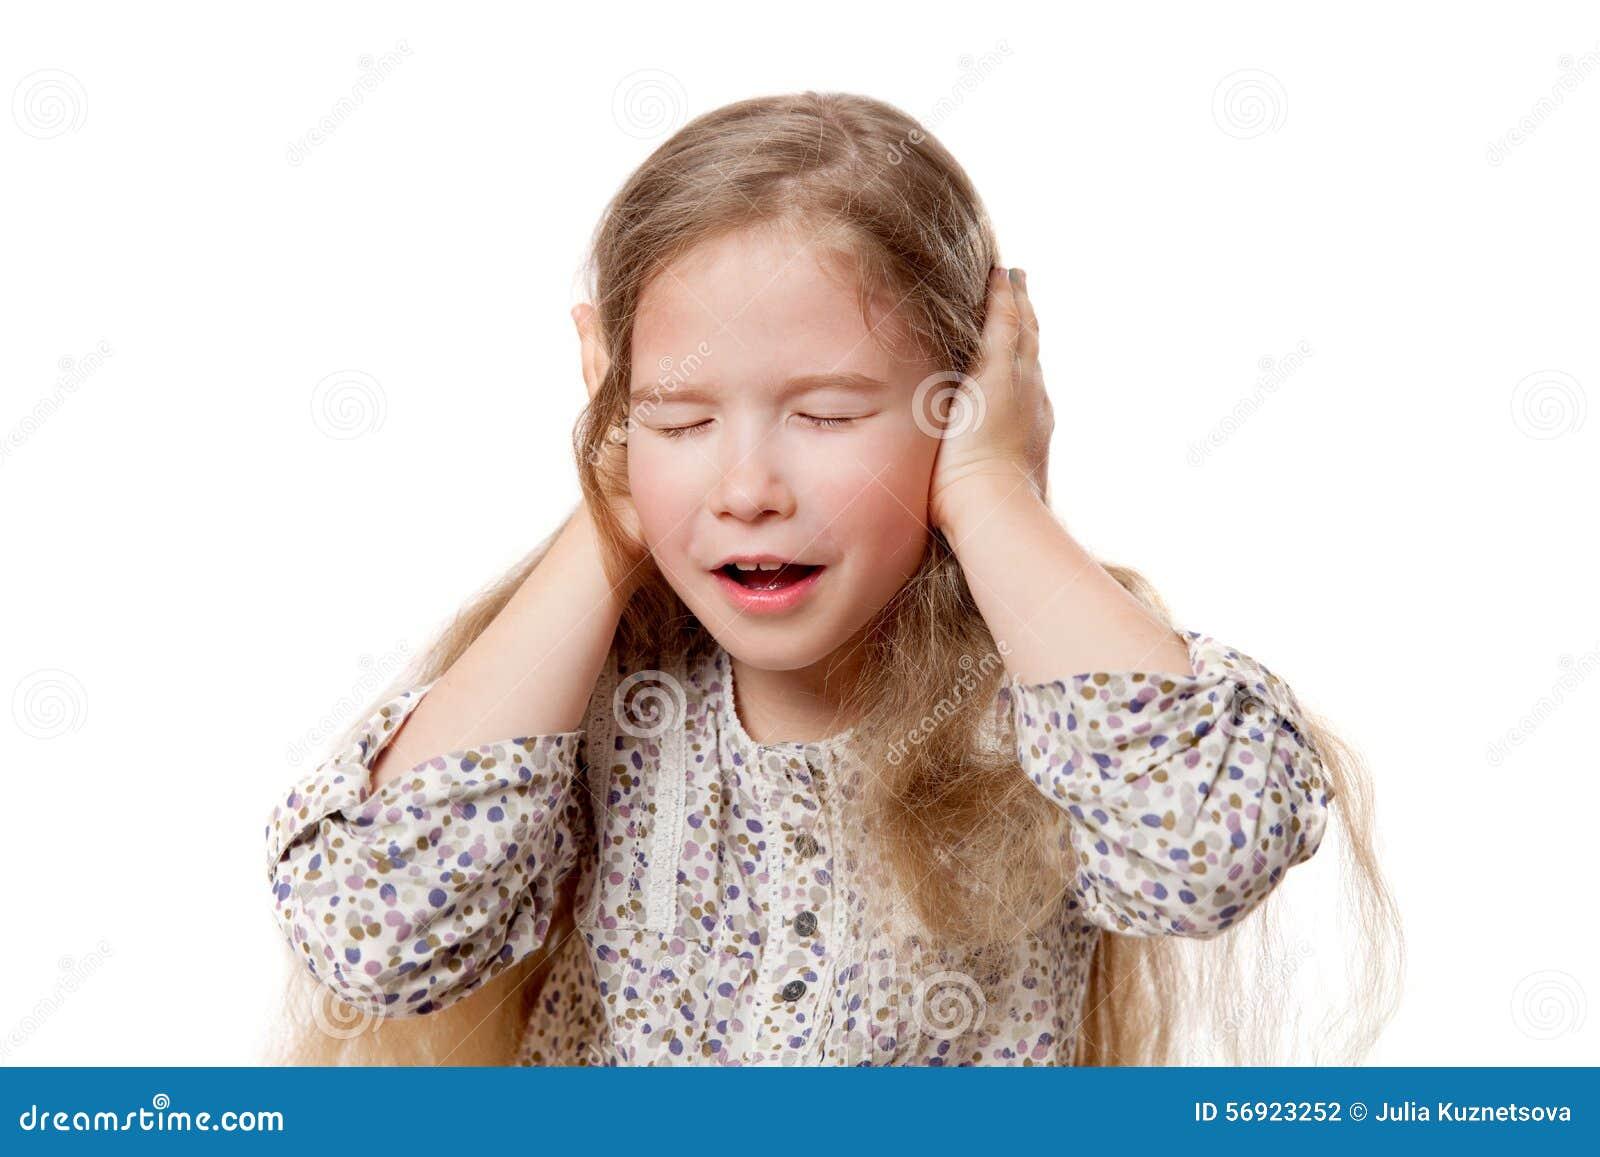 Μικρό κορίτσι με τα κλειστά μάτια και τα αυτιά